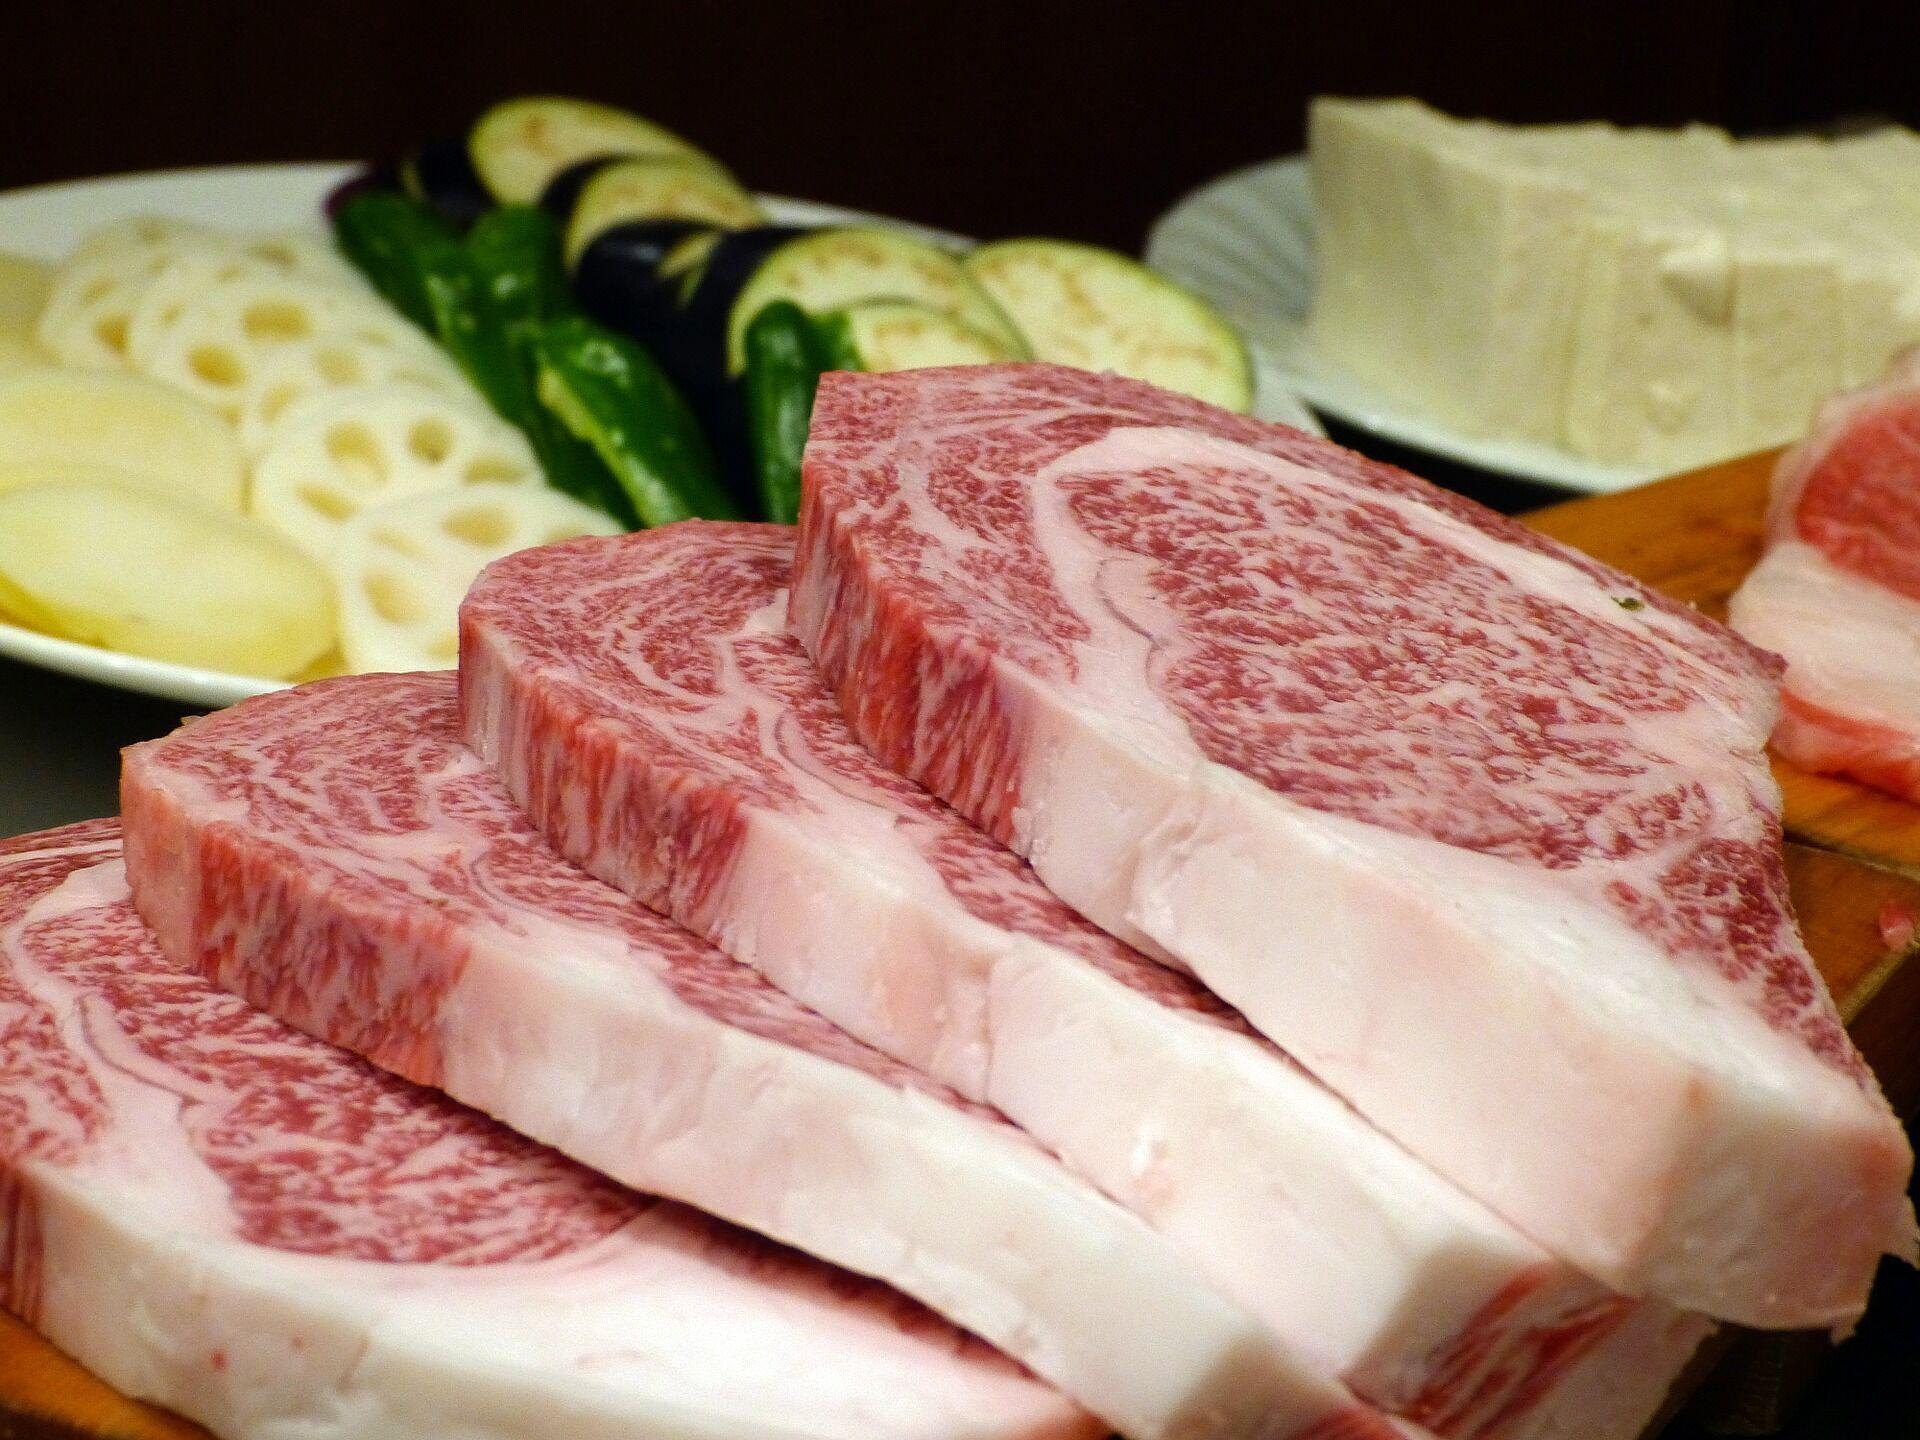 Під час вибору м'яса завжди звертайте увагу на запах